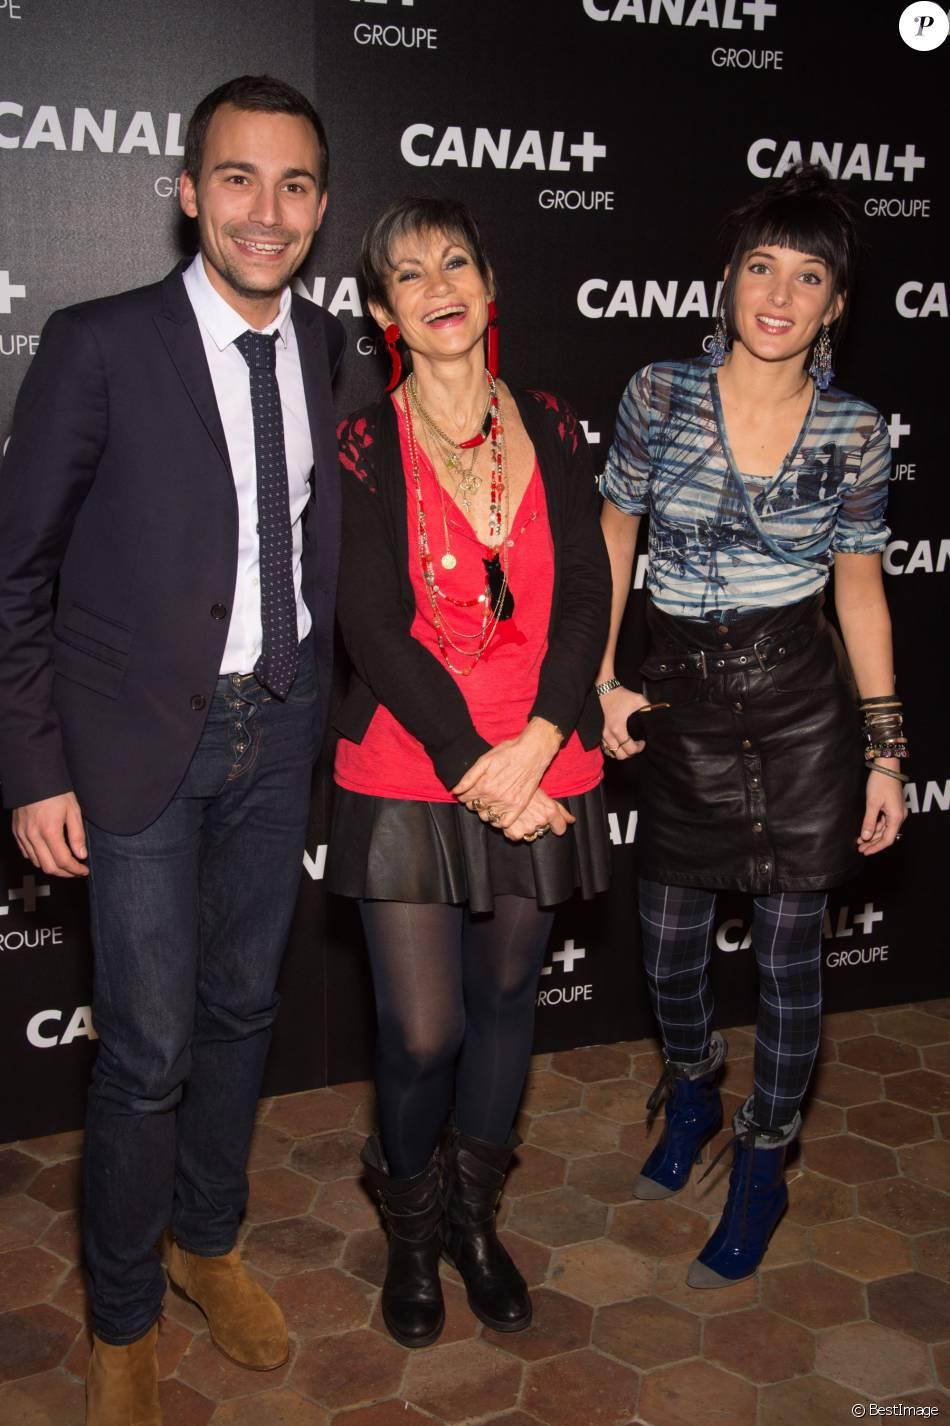 Bertrand Chameroy, Isabelle Morini Bosc et Erika Moulet Soirée des animateurs du Groupe Canal+ au Manko à Paris. Le 3 février 2016.